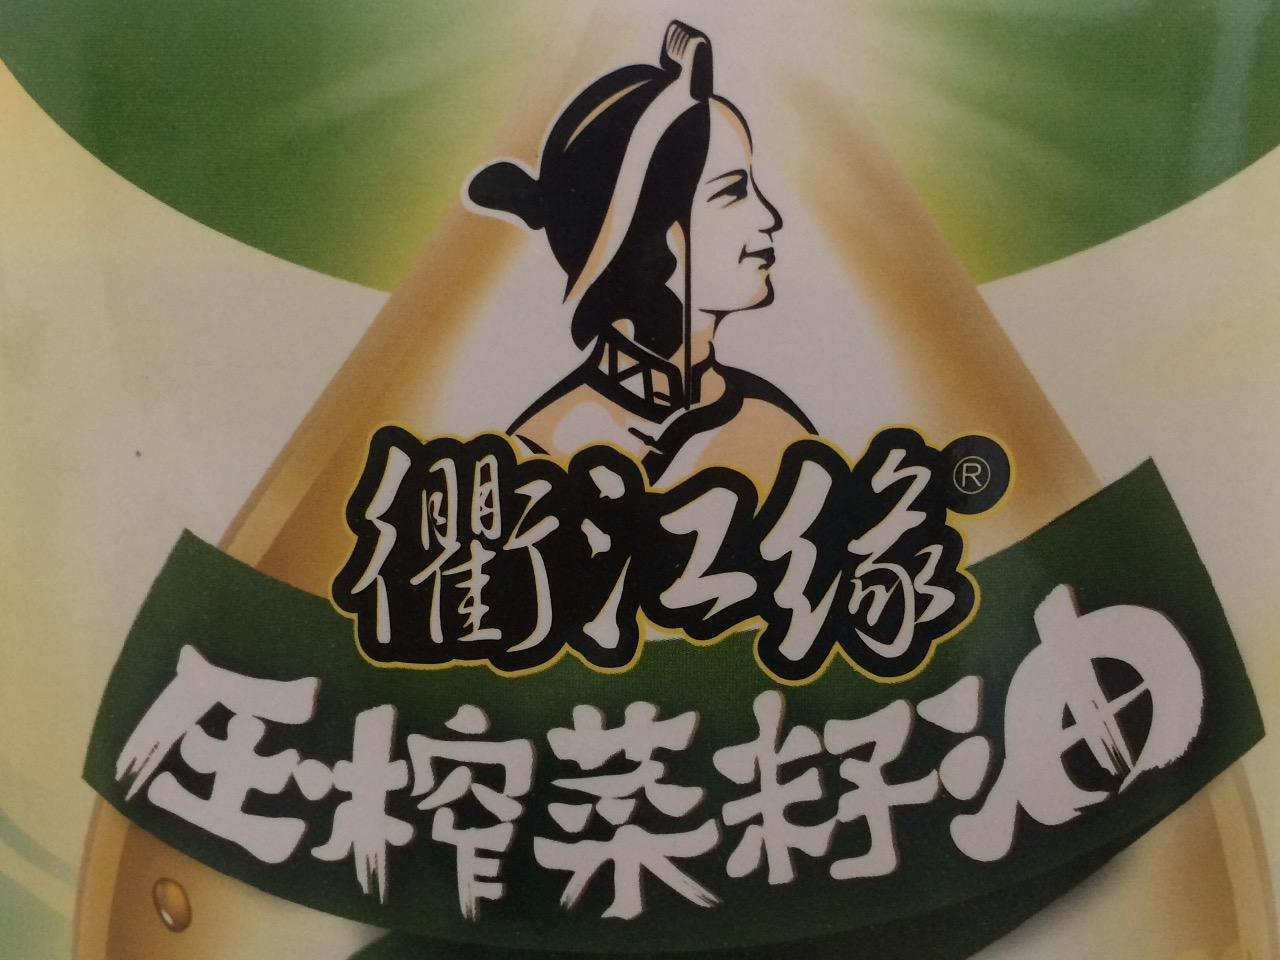 衢州市国丰油脂有限公司 最新采购和商业信息